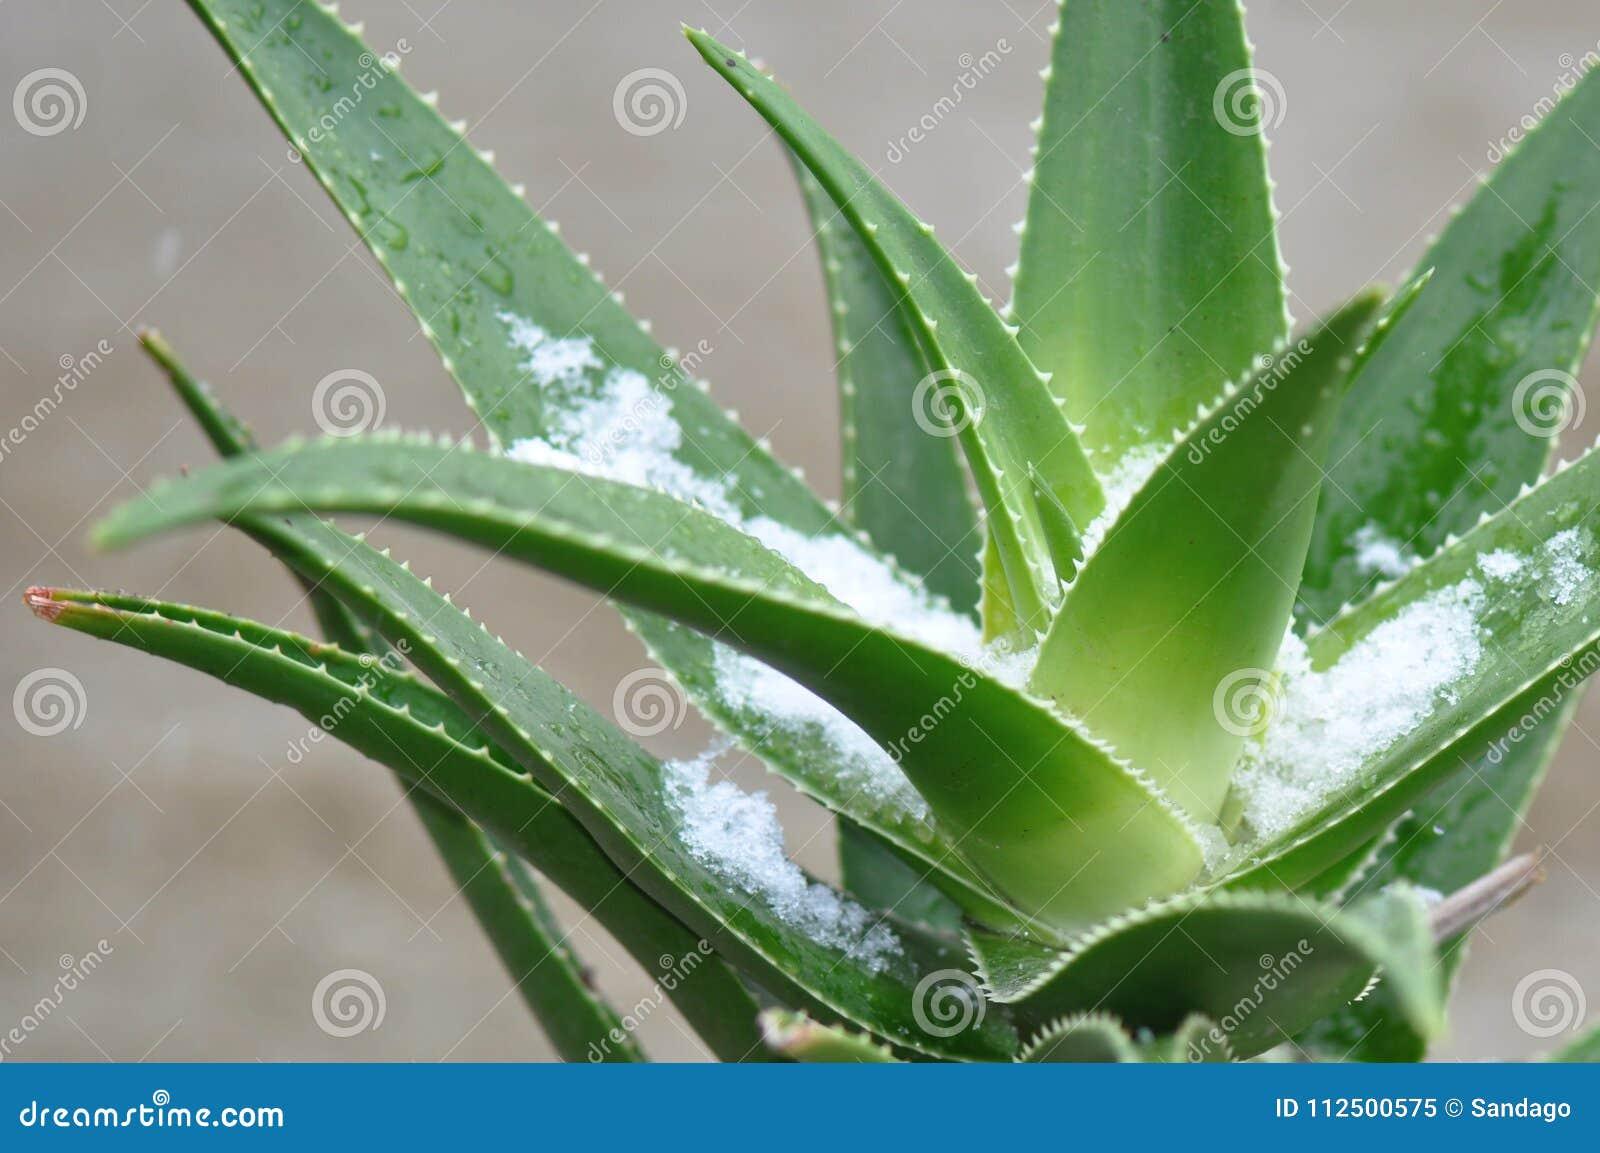 Aloe vera plant with snow